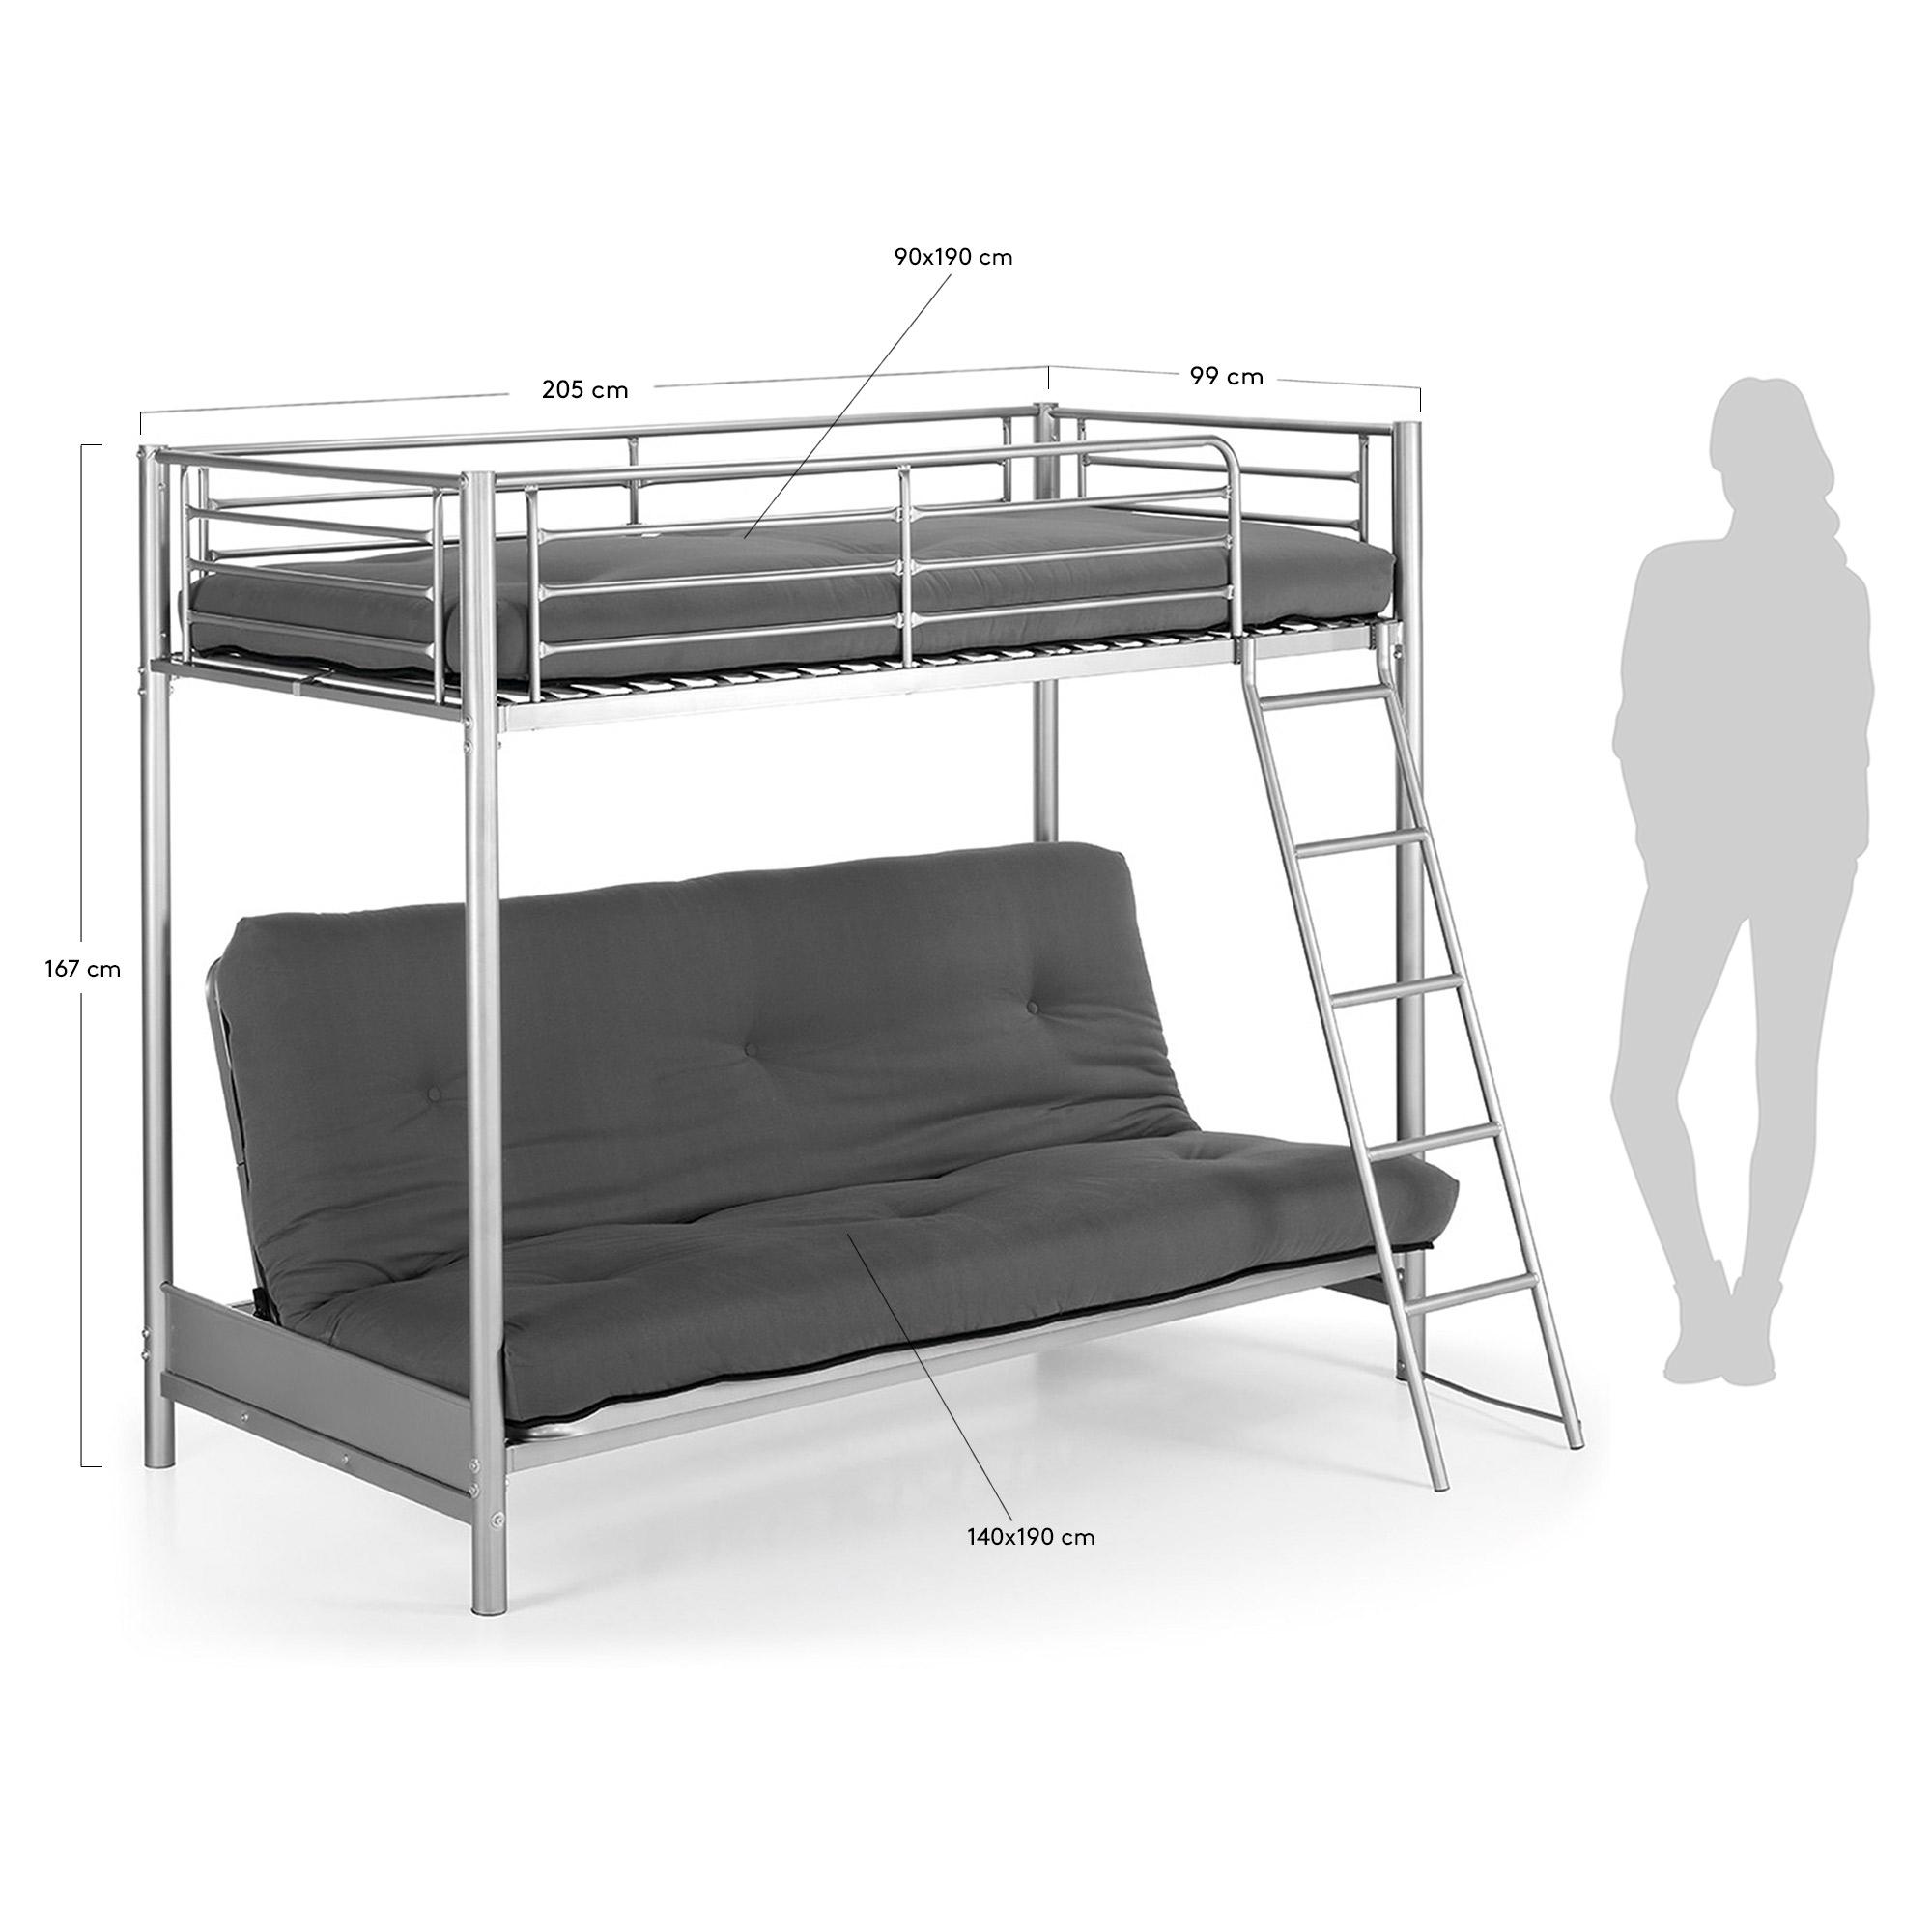 lit superpos fer zapdesign. Black Bedroom Furniture Sets. Home Design Ideas